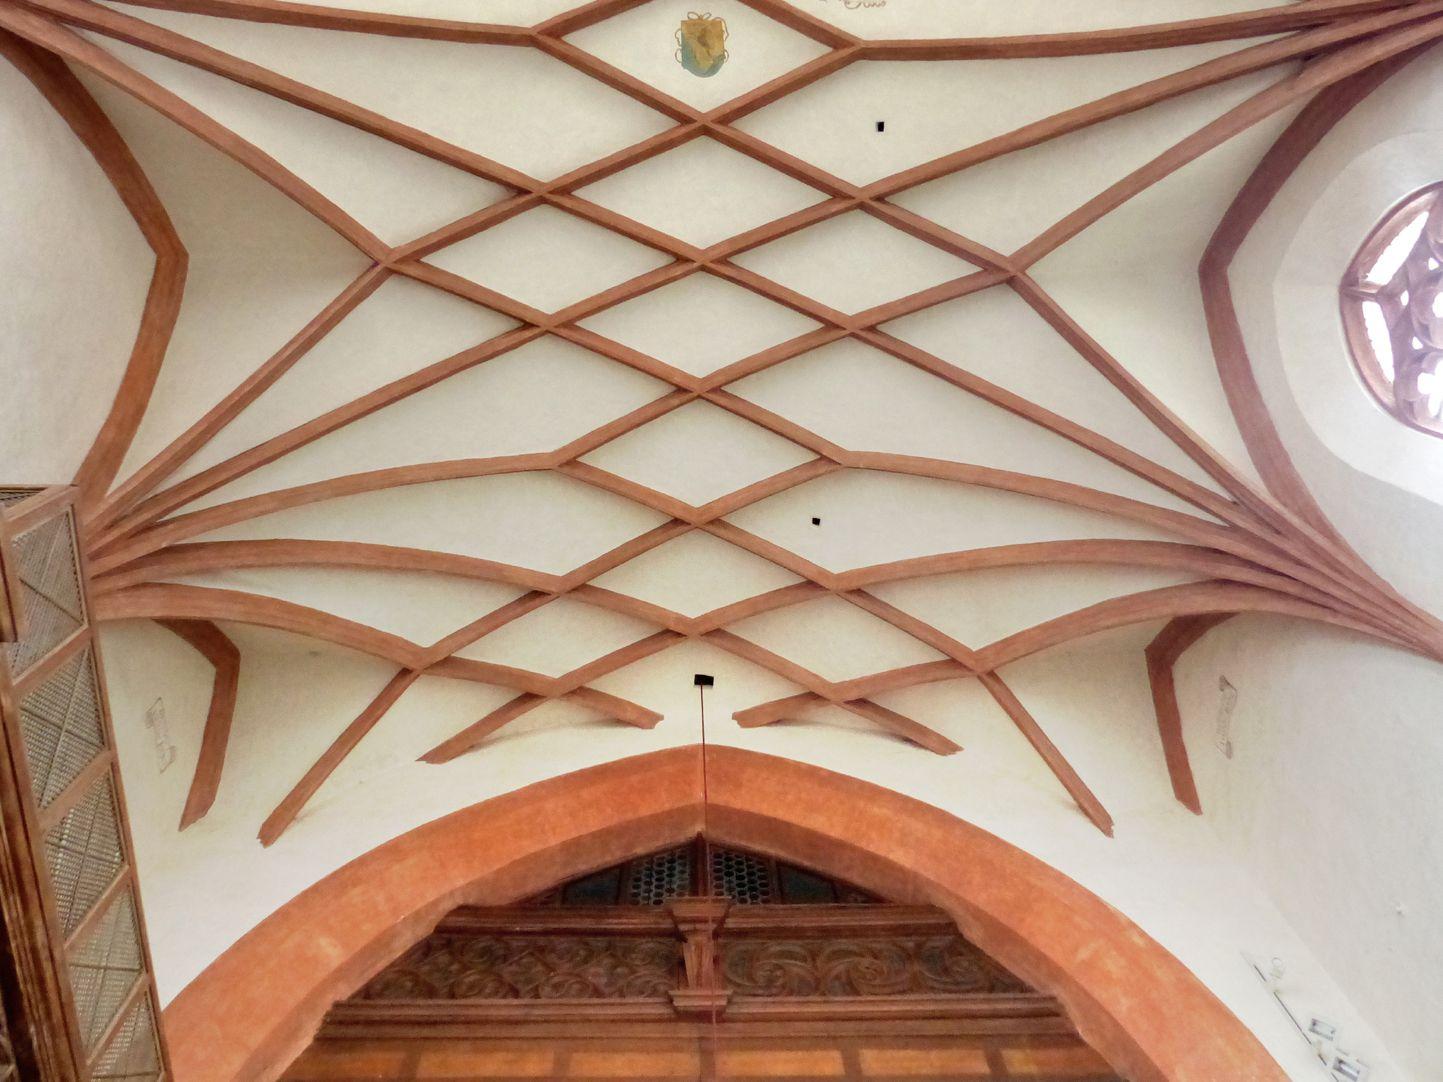 Holzemporen in der Kirche St. Marien und Christophorus, Kalbensteinberg Chorgewölbe mit Triumphbogen und Brüstung